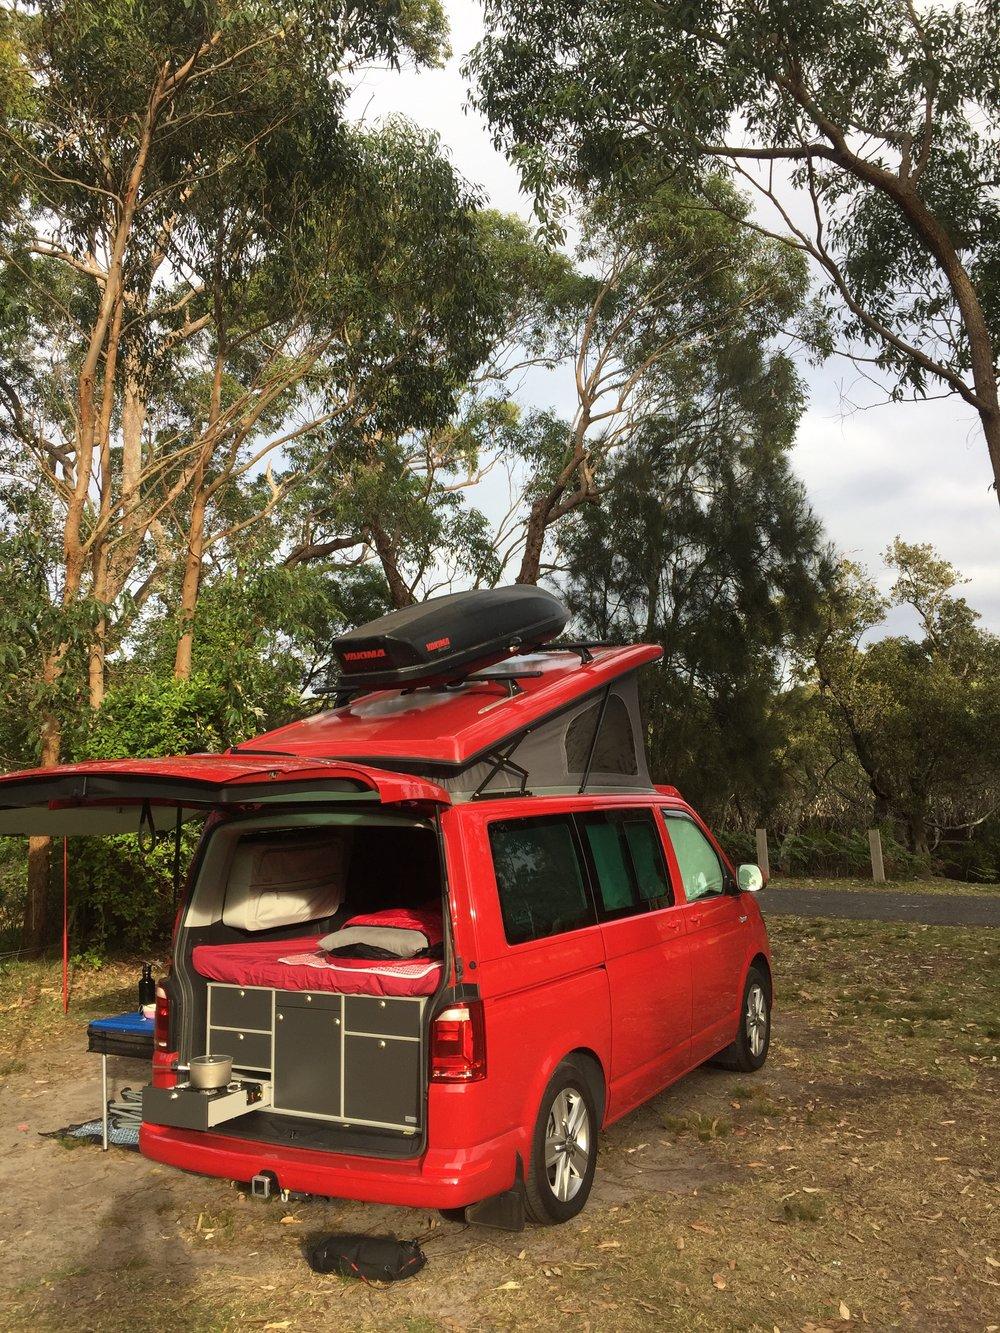 MultiCamper Pop-Top Roof VanEssa mobilcamping KombiLife Campers 7 seat 4 berth Volkswagen Campervan -3.JPG